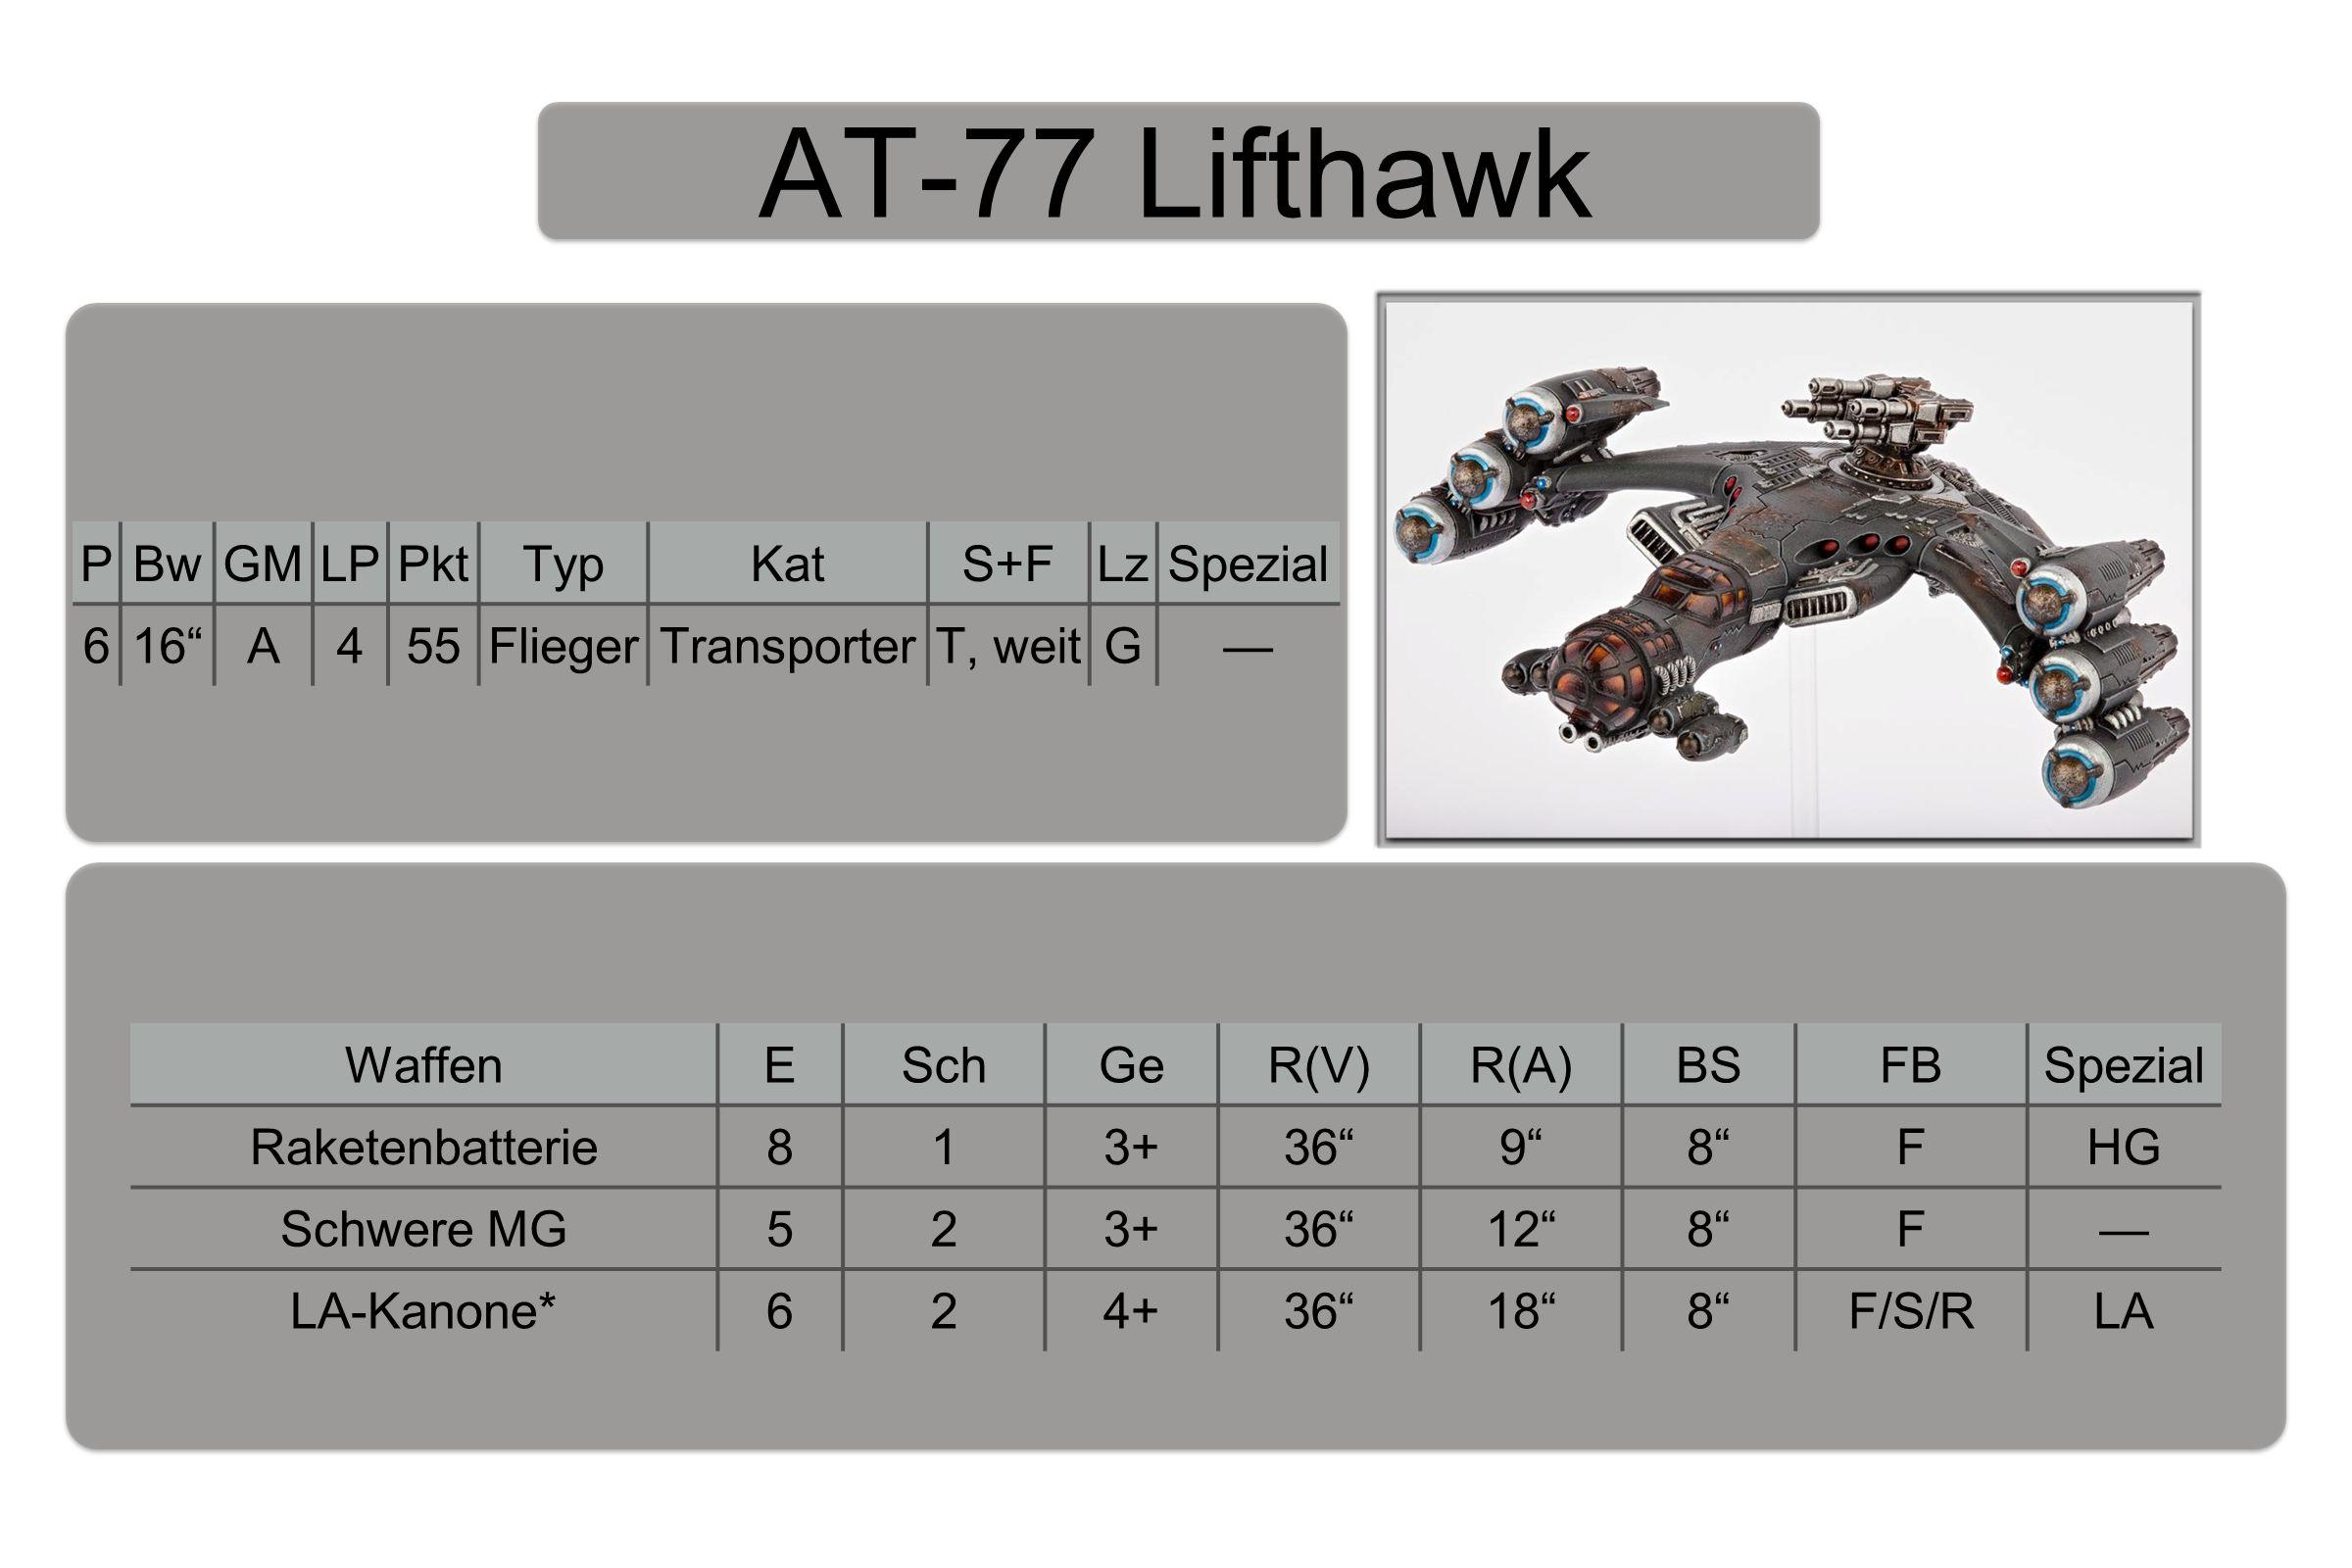 AT-77 Lifthawk P BwGMLPPktTypKatS+FLzSpezial 6 16 A455FliegerTransporterT, weitG— WaffenESchGeR(V)R(A)BSFBSpezial Raketenbatterie813+36 9 8 FHG Schwere MG523+36 12 8 F— LA-Kanone*624+36 18 8 F/S/RLA